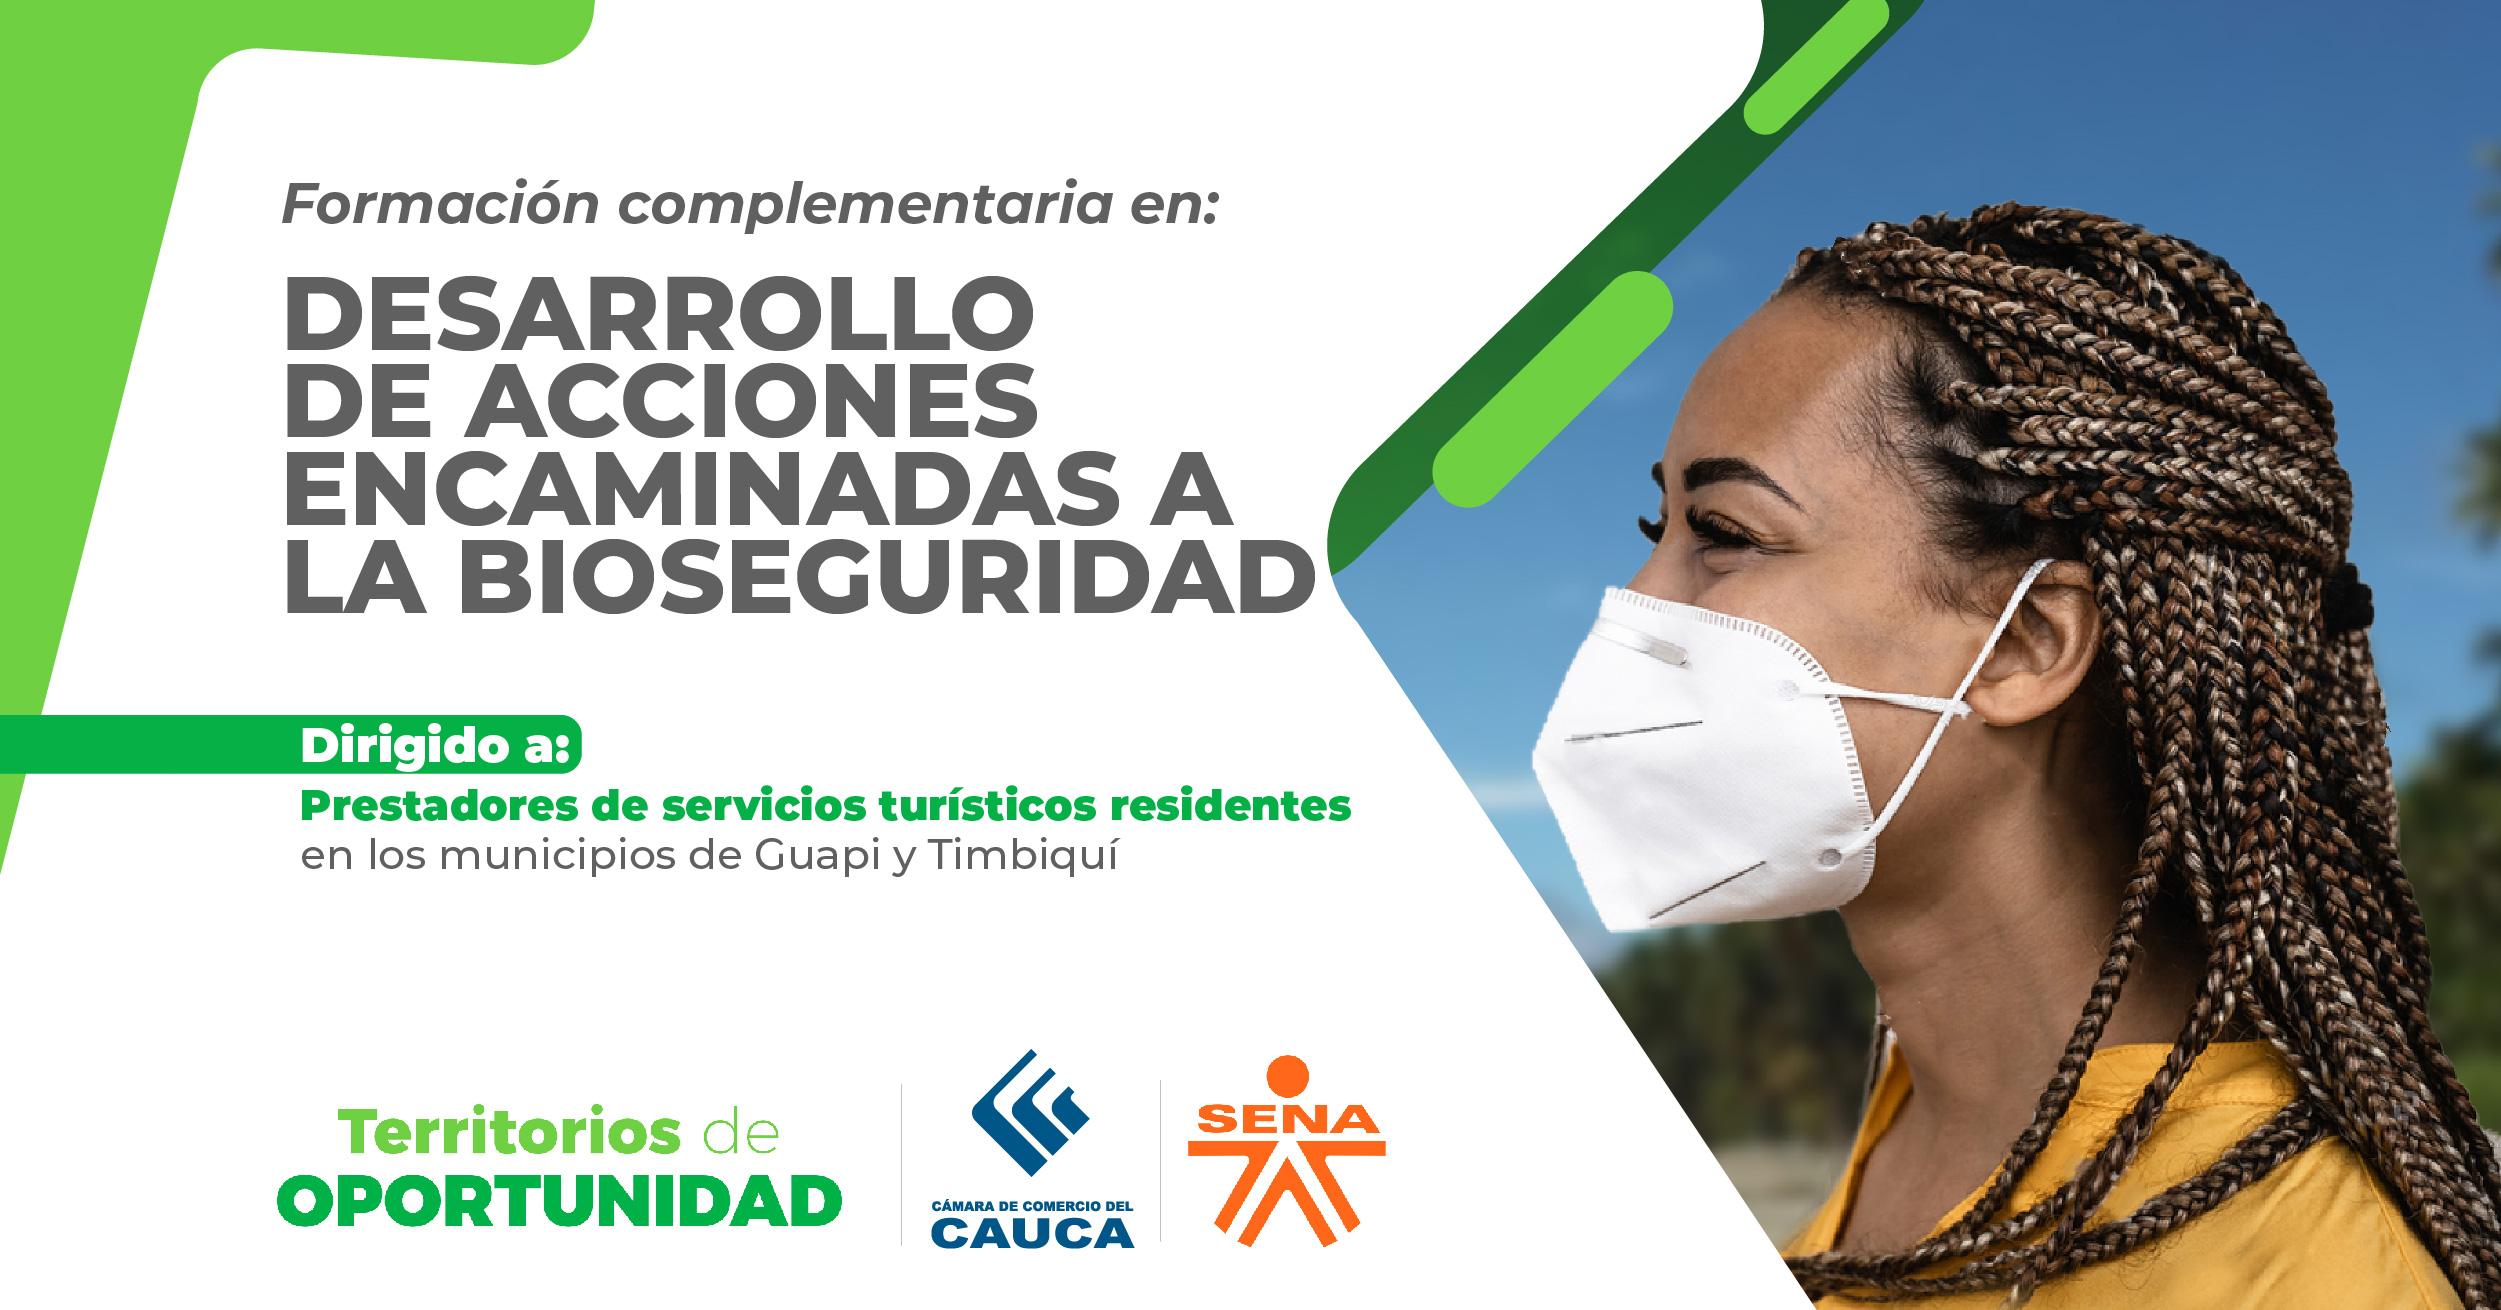 PROPUESTA PARA EL FORTALECIMIENTO DEL TURISMO COMUNITARIO DE LA COSTA CAUCANA: DESARROLLO DE ACCIONES ENCAMINADAS A LA BIOSEGURIDAD